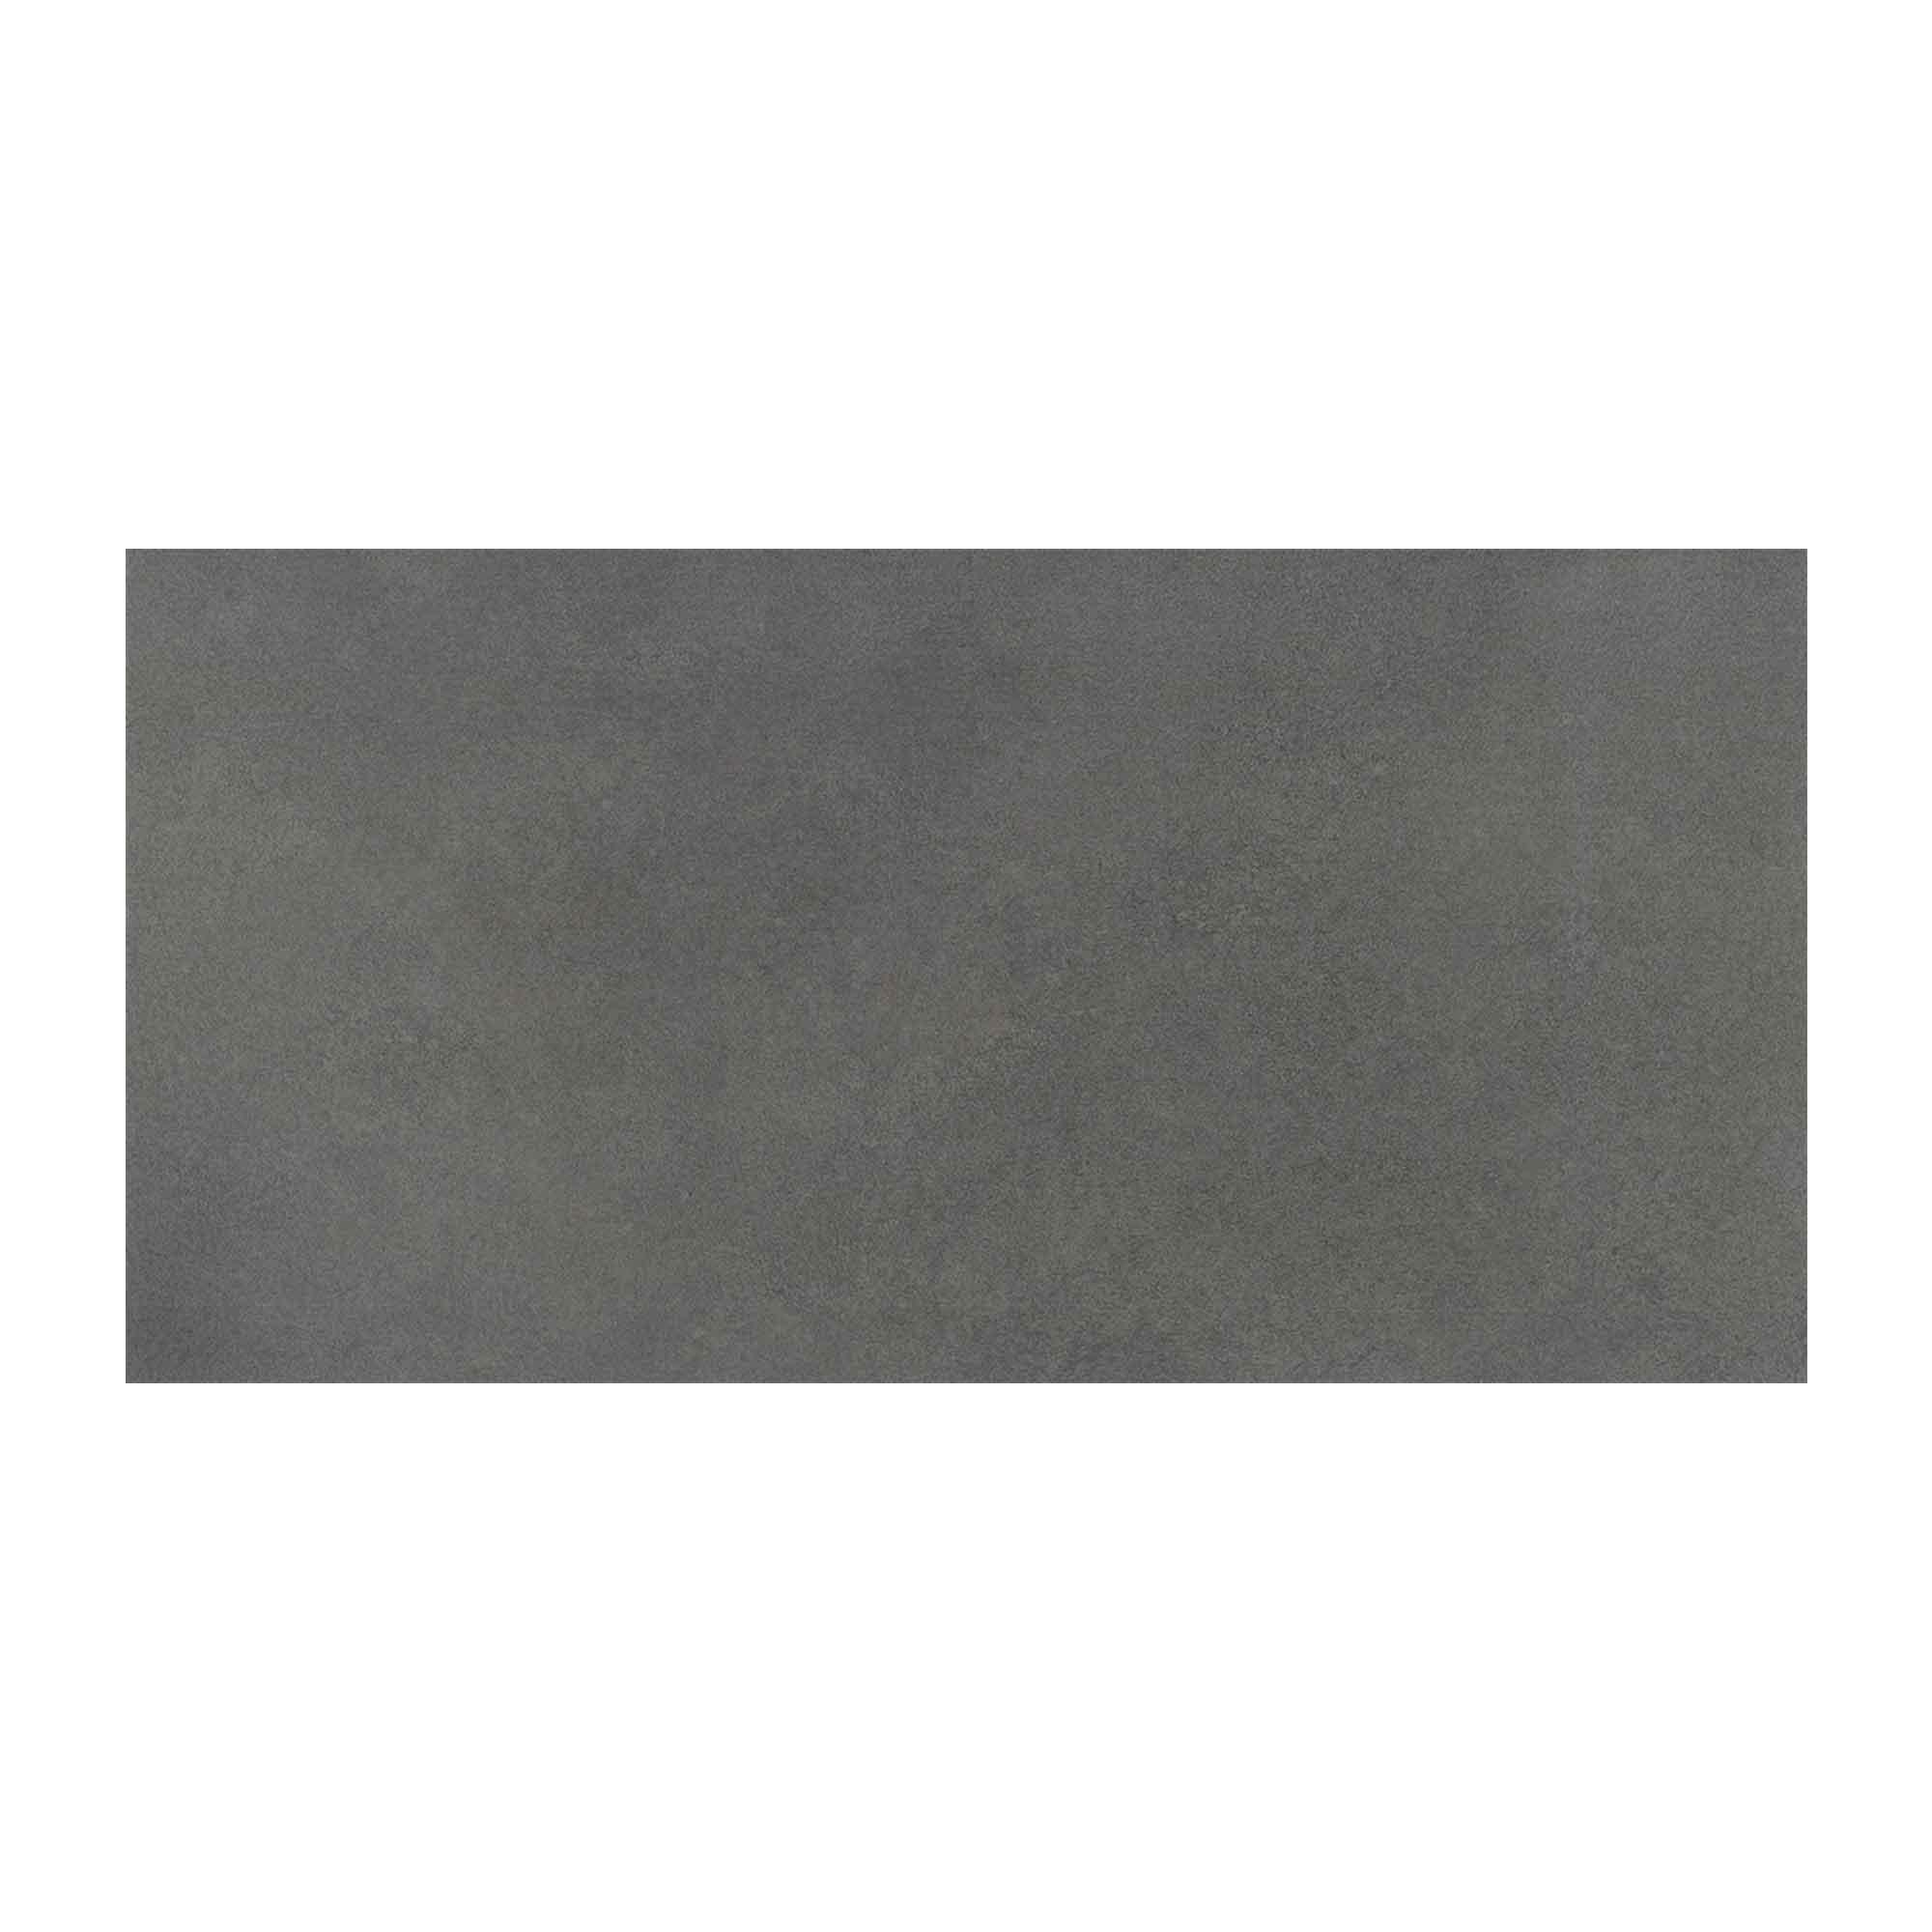 Gresie portelanata Cesarom Tanum PEI 4, gri inchis-antracit mat, dreptunghiulara, 30 x 60 cm mathaus 2021